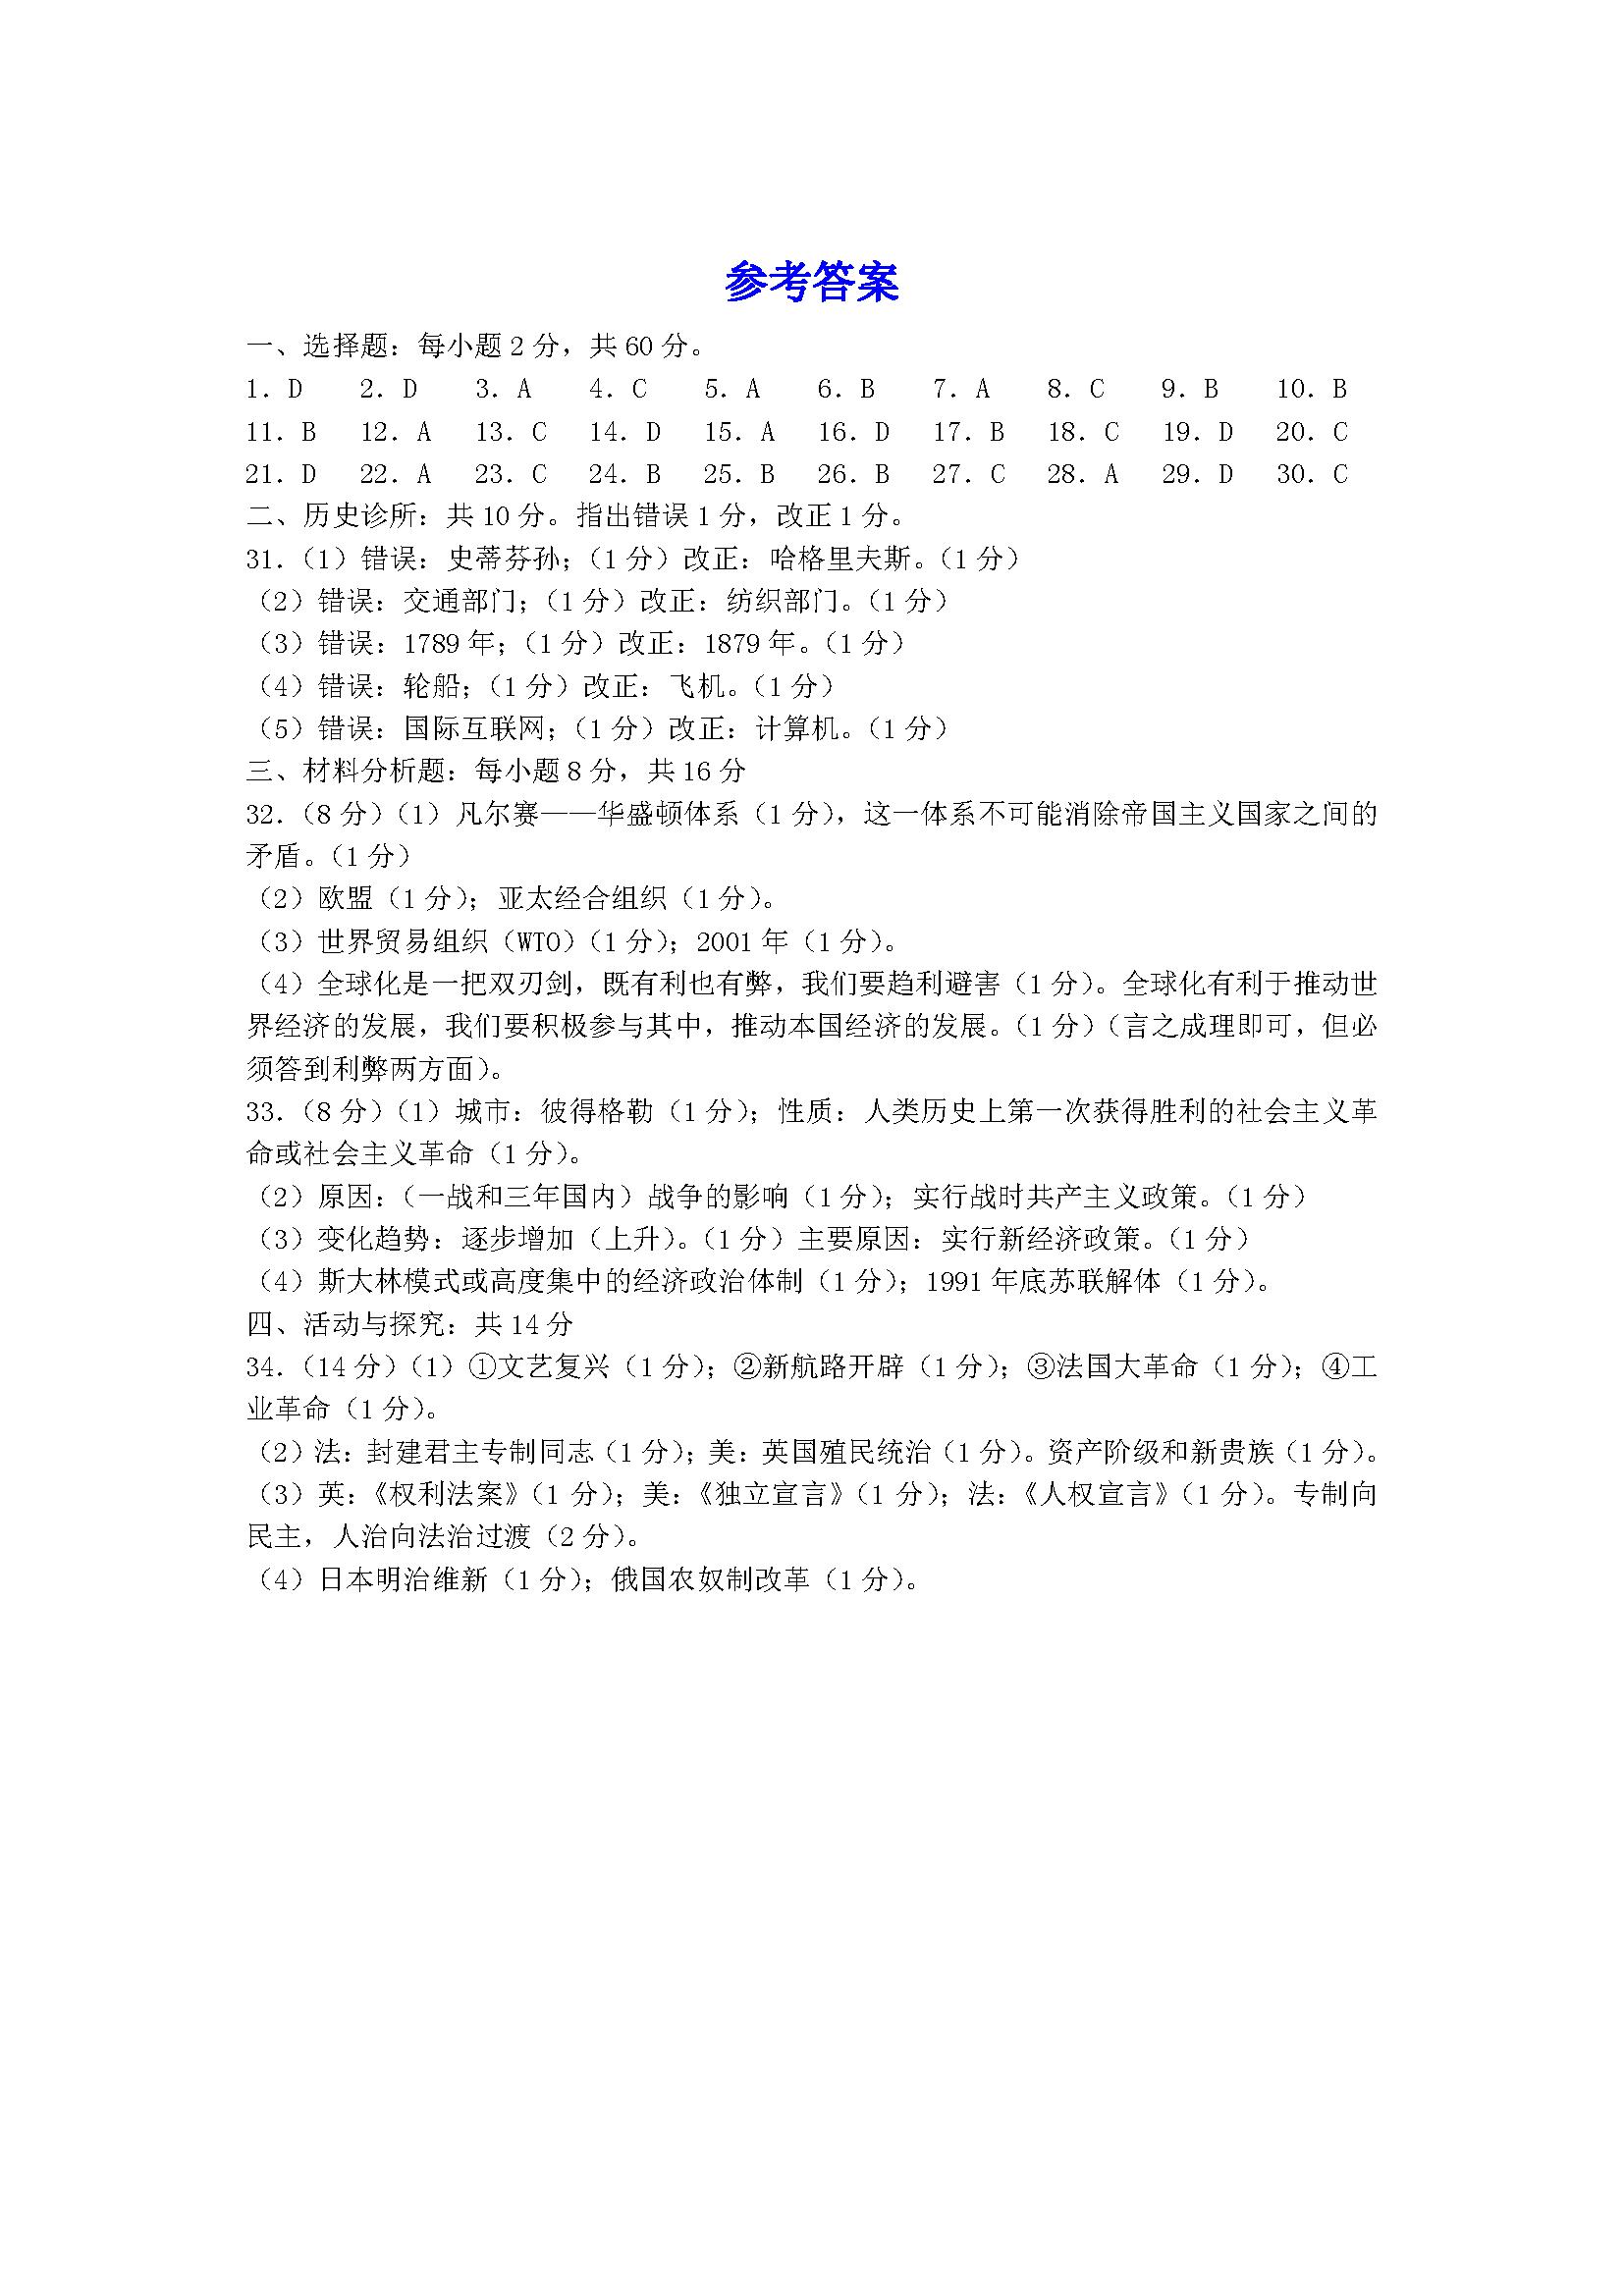 四川攀枝花2017中考历史试题答案(图片版)